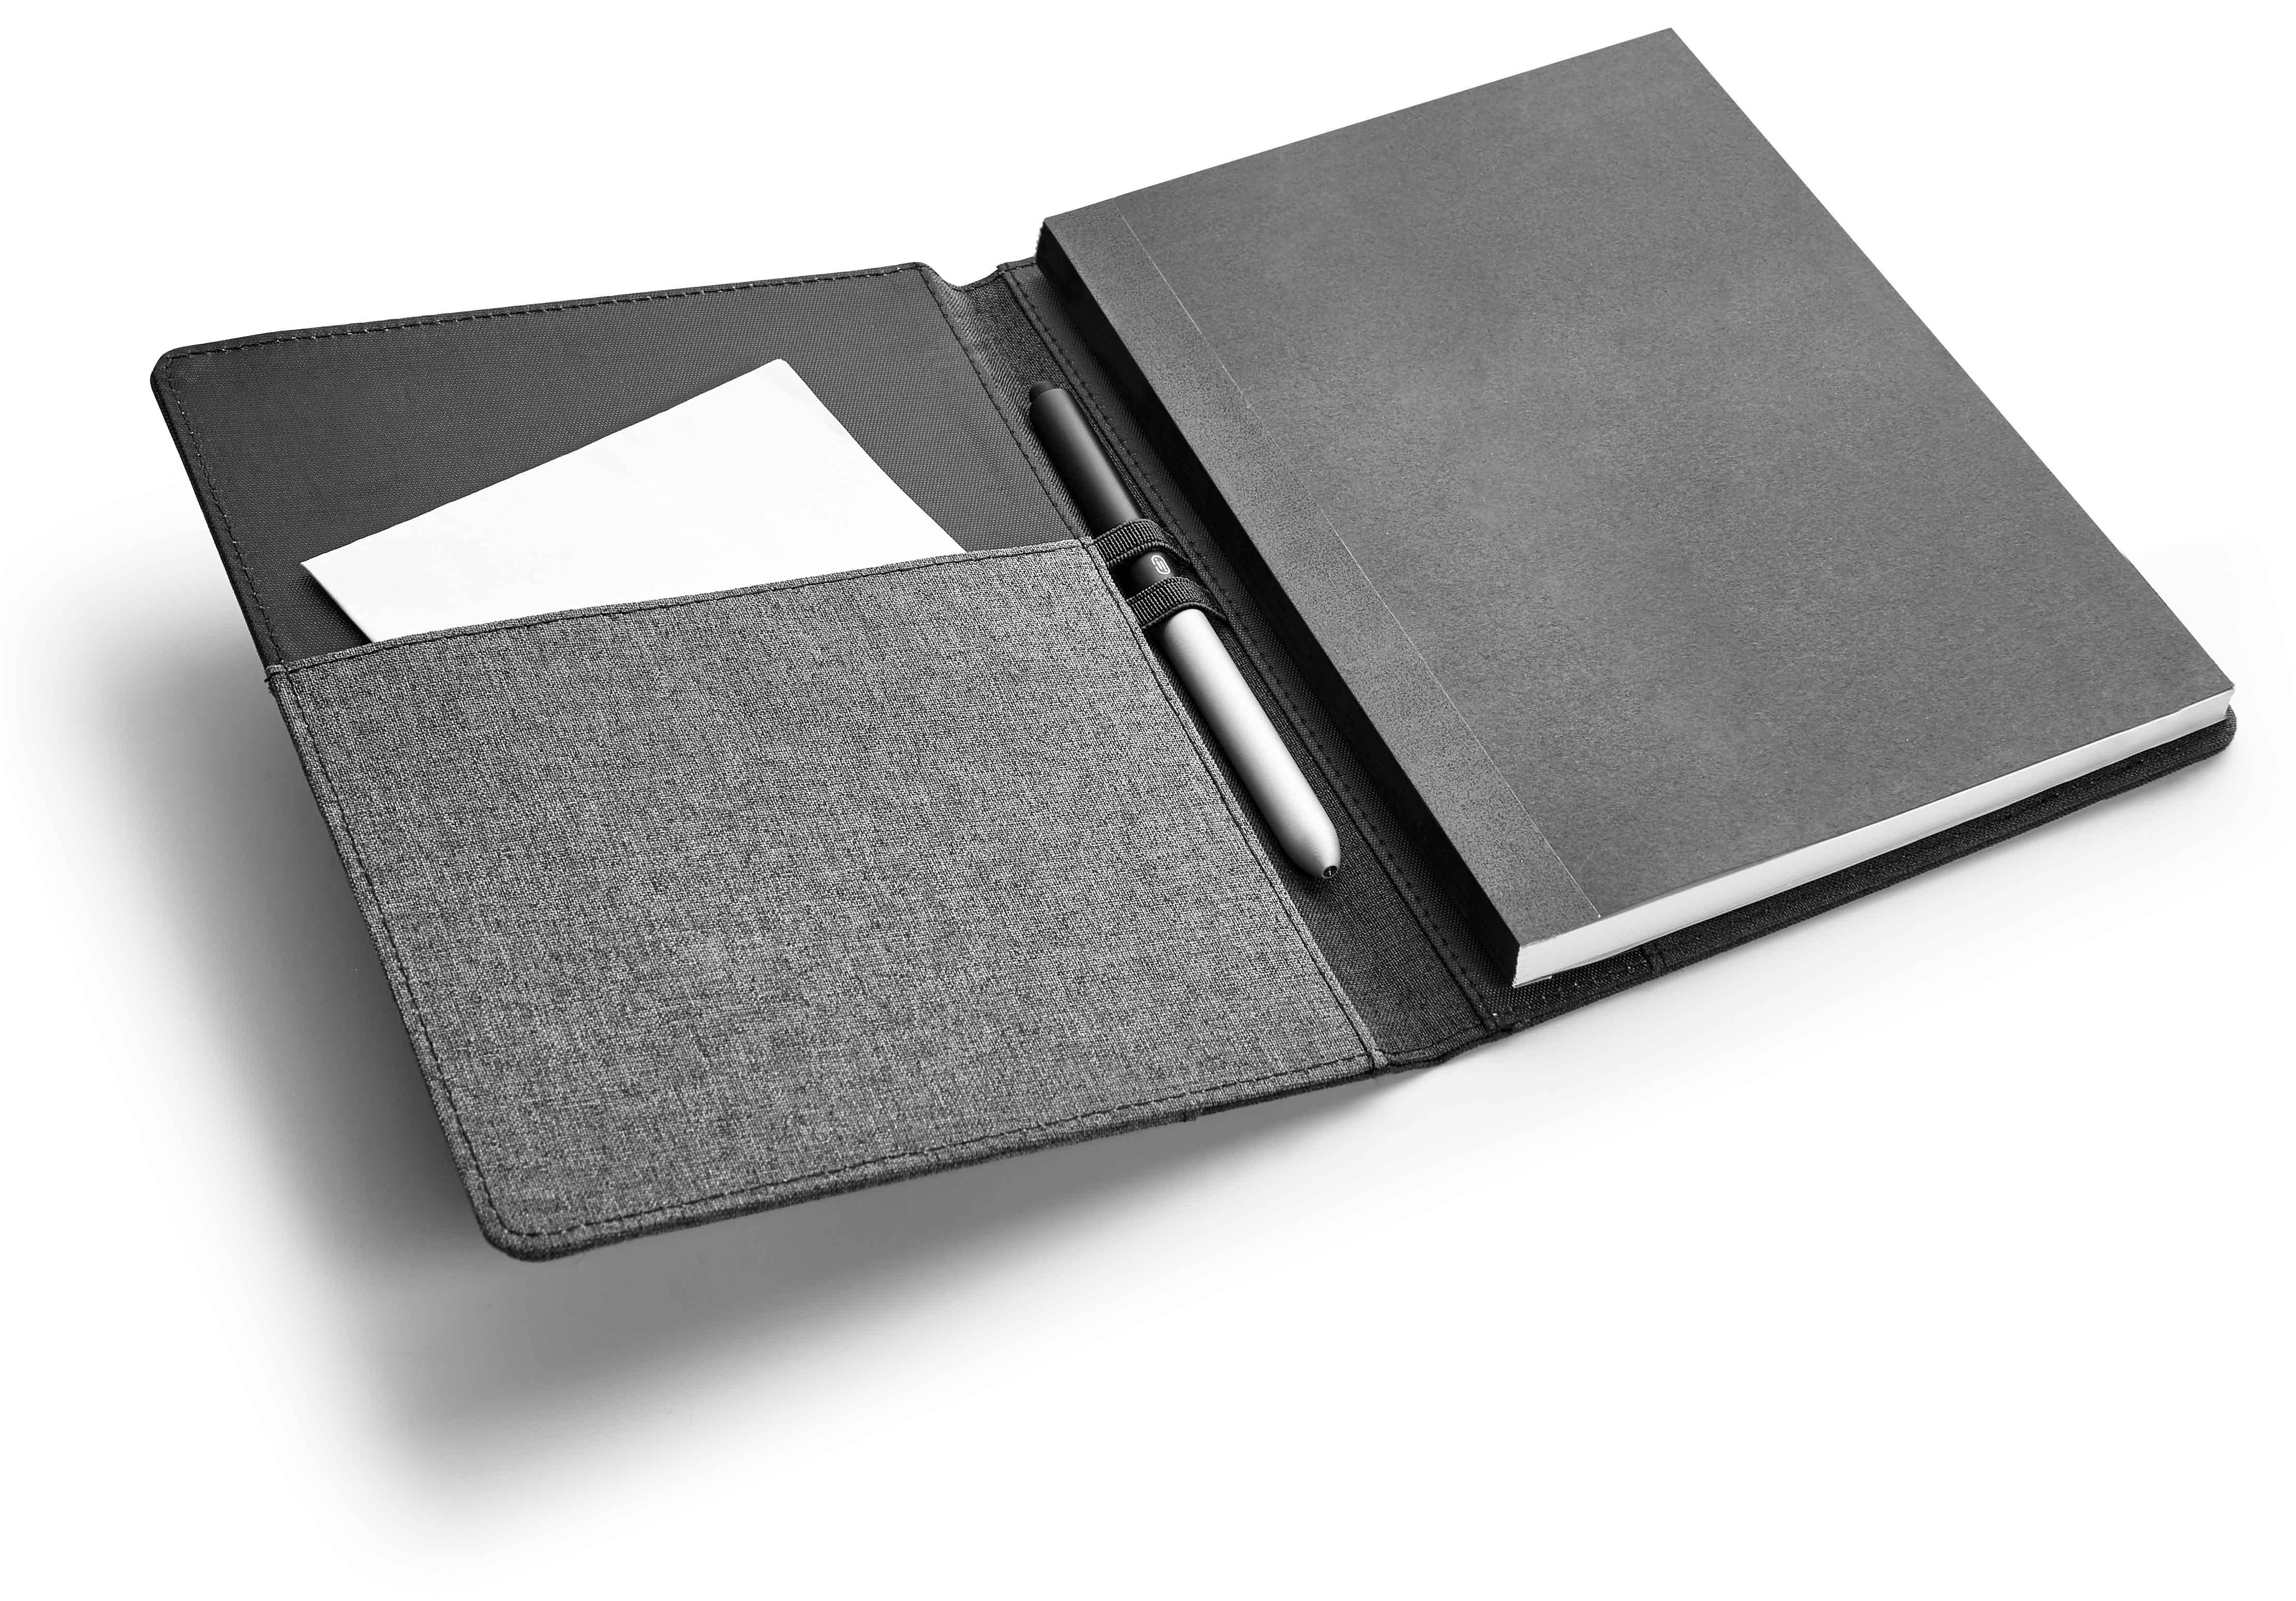 Bloc-notes avec couverture rigide - 26-1108-12